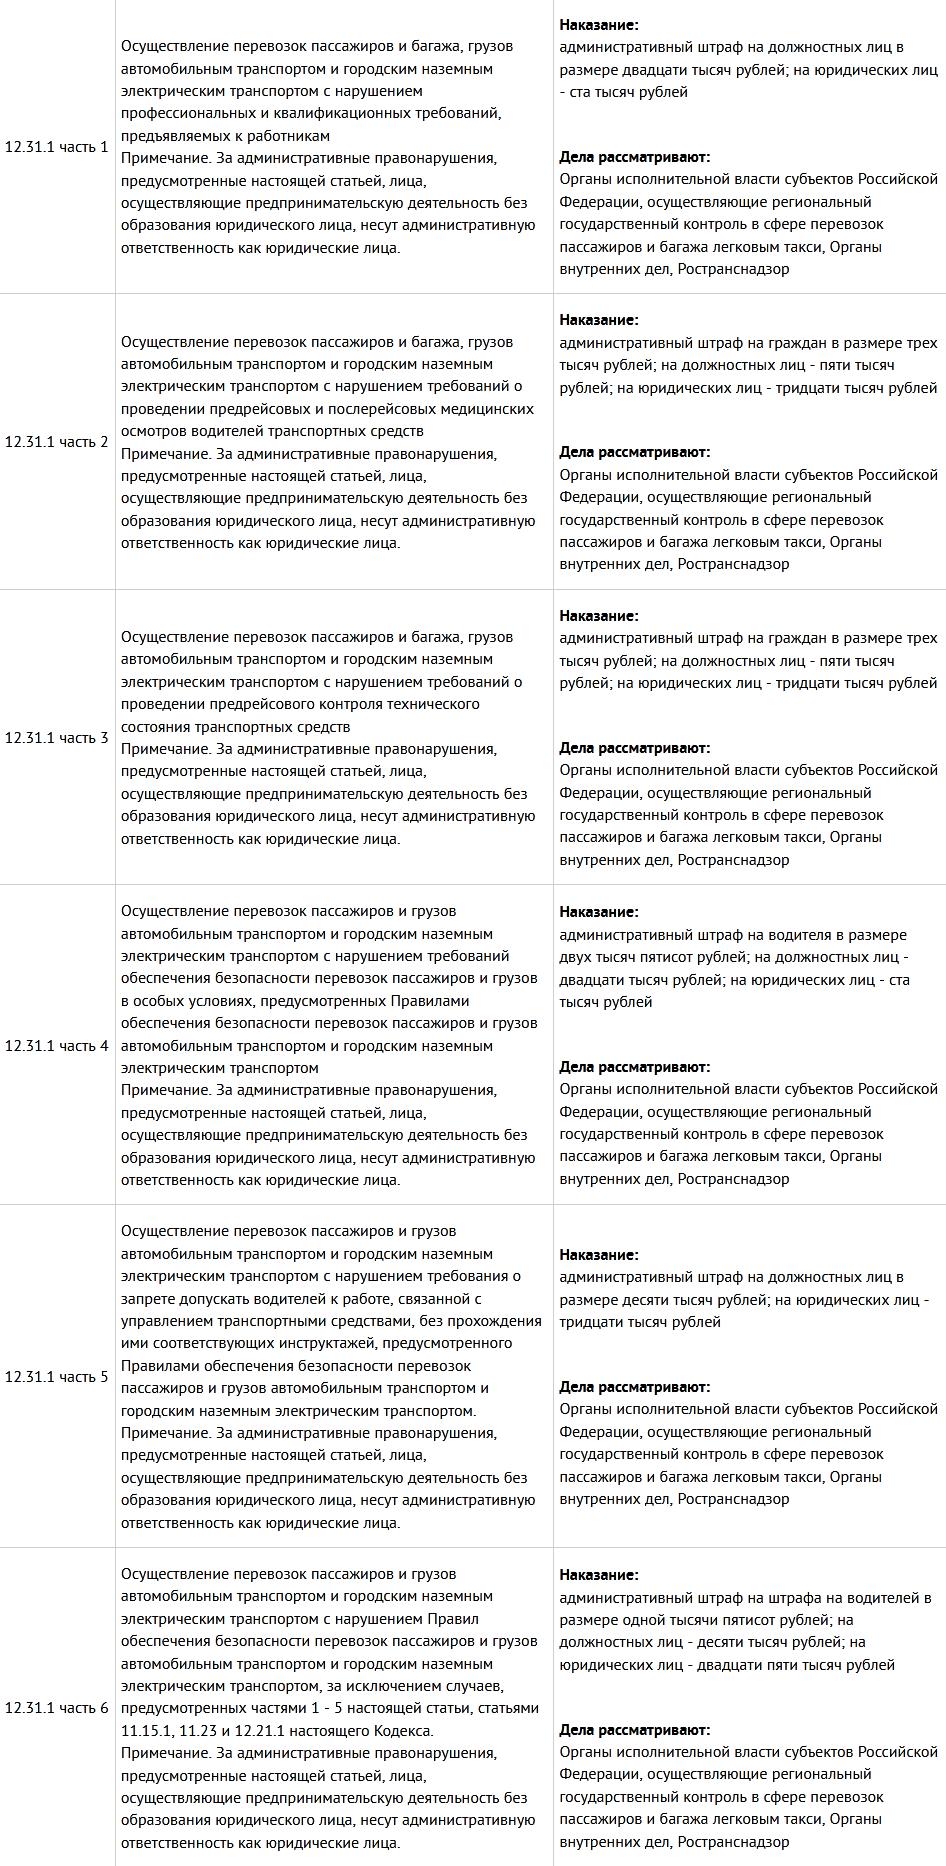 Статья КОАП РФ 12.31.1